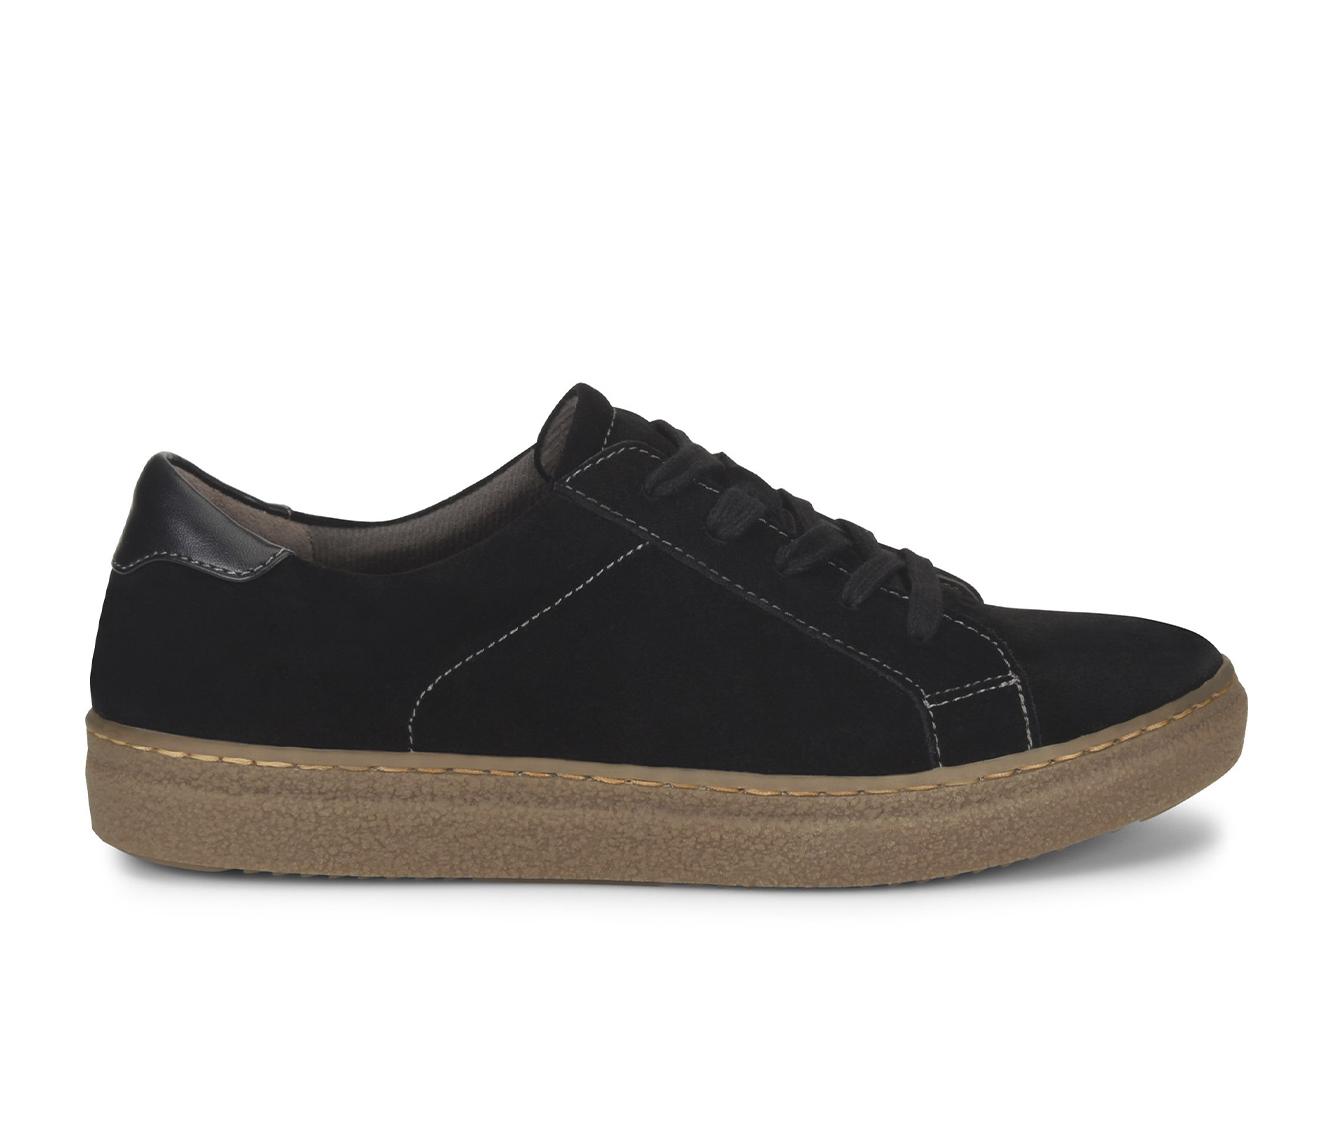 EuroSoft Nikki Women's Shoe (Black Suede)